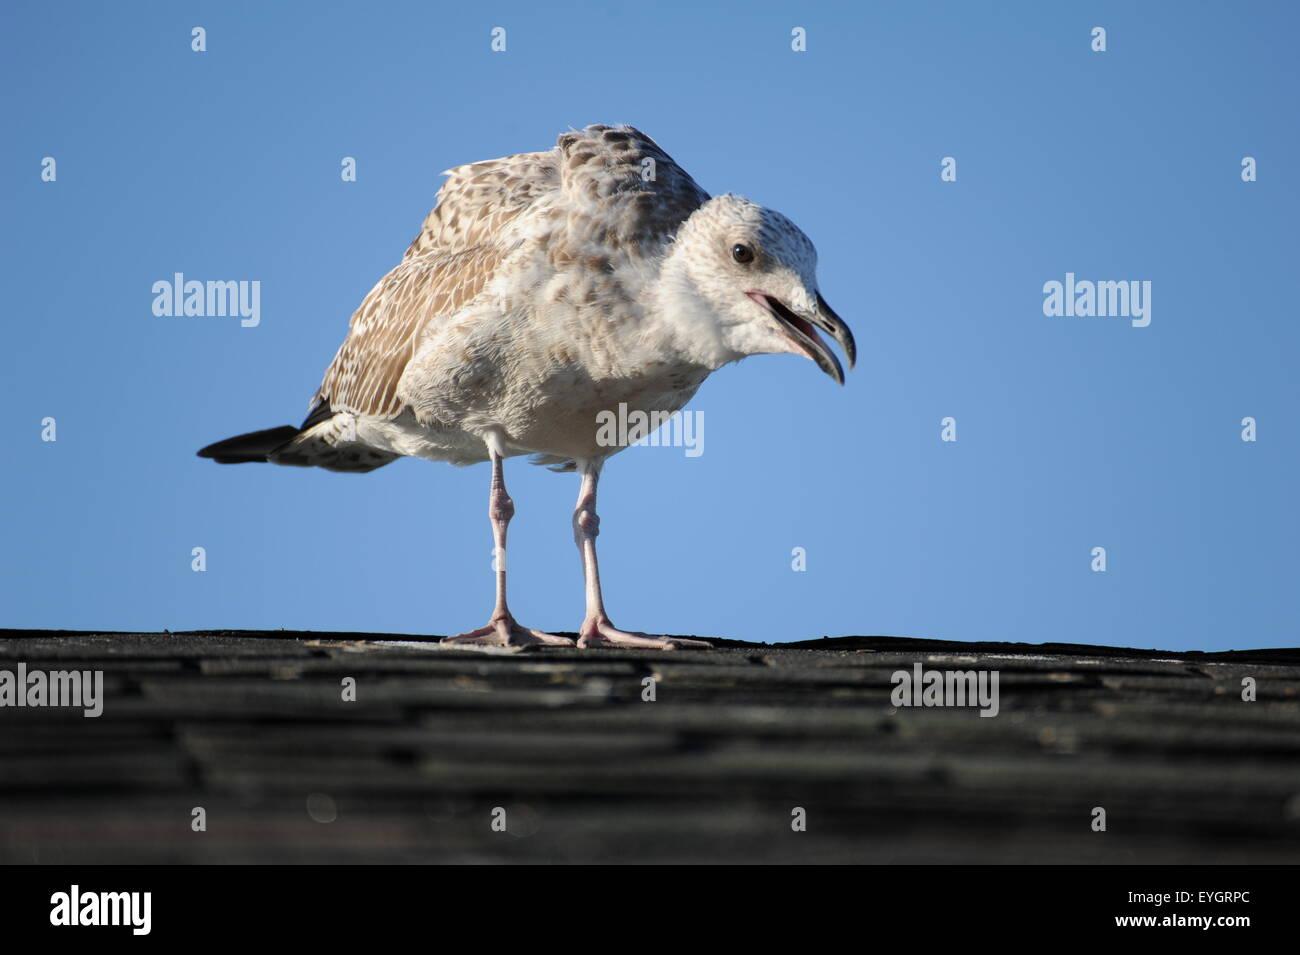 Junge Möwe schreiend auf dem Dach mit blauem Himmel in den Hintergrund Junge Schreiende Möwe Auf Dem Dach Stockbild